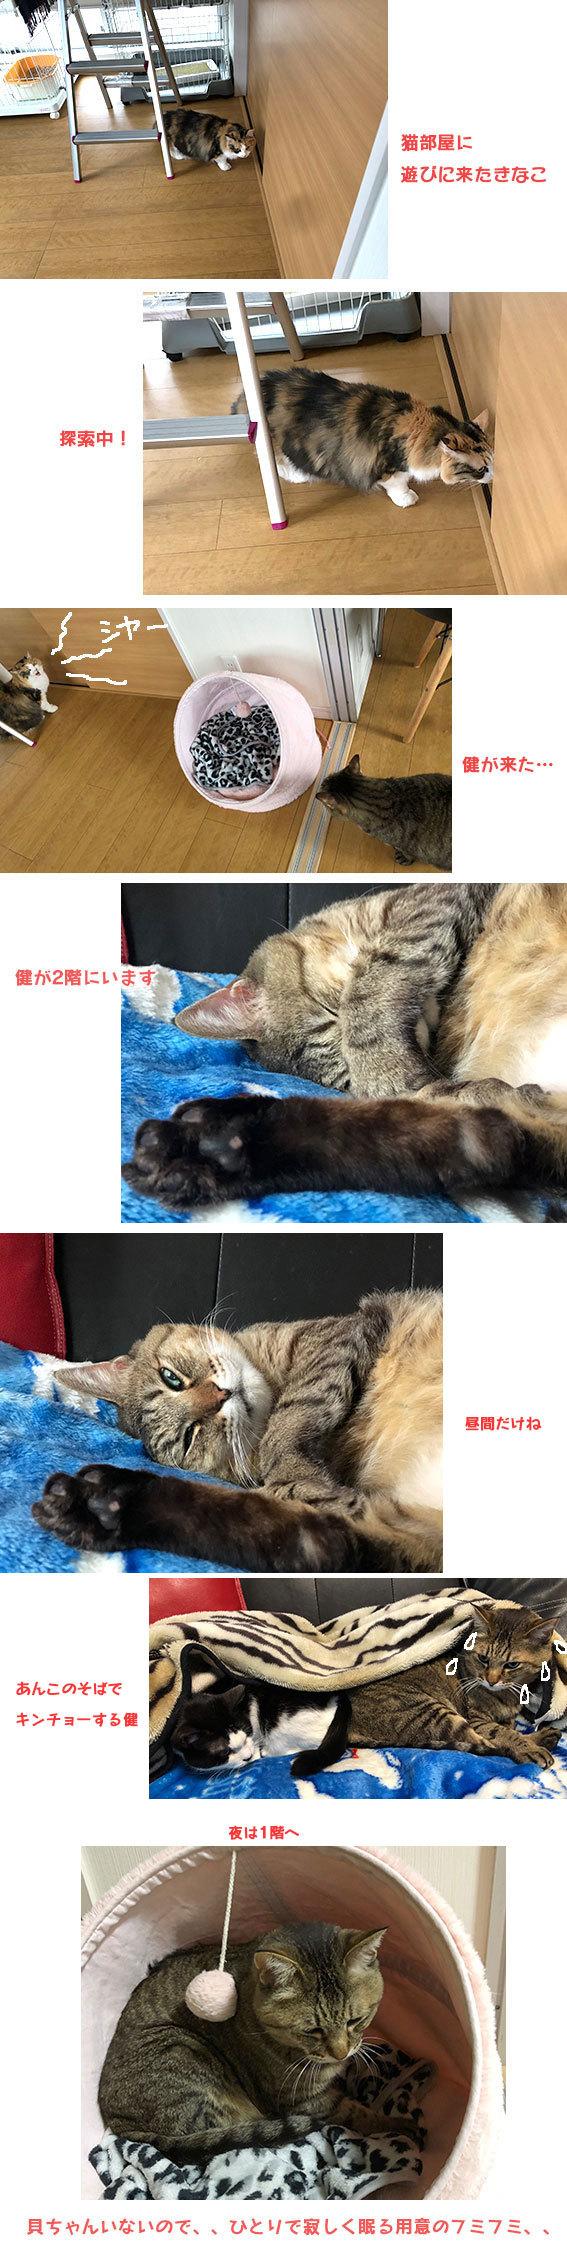 健ときなことあんこと貝ちゃん&フックちゃん_d0071596_23585514.jpg